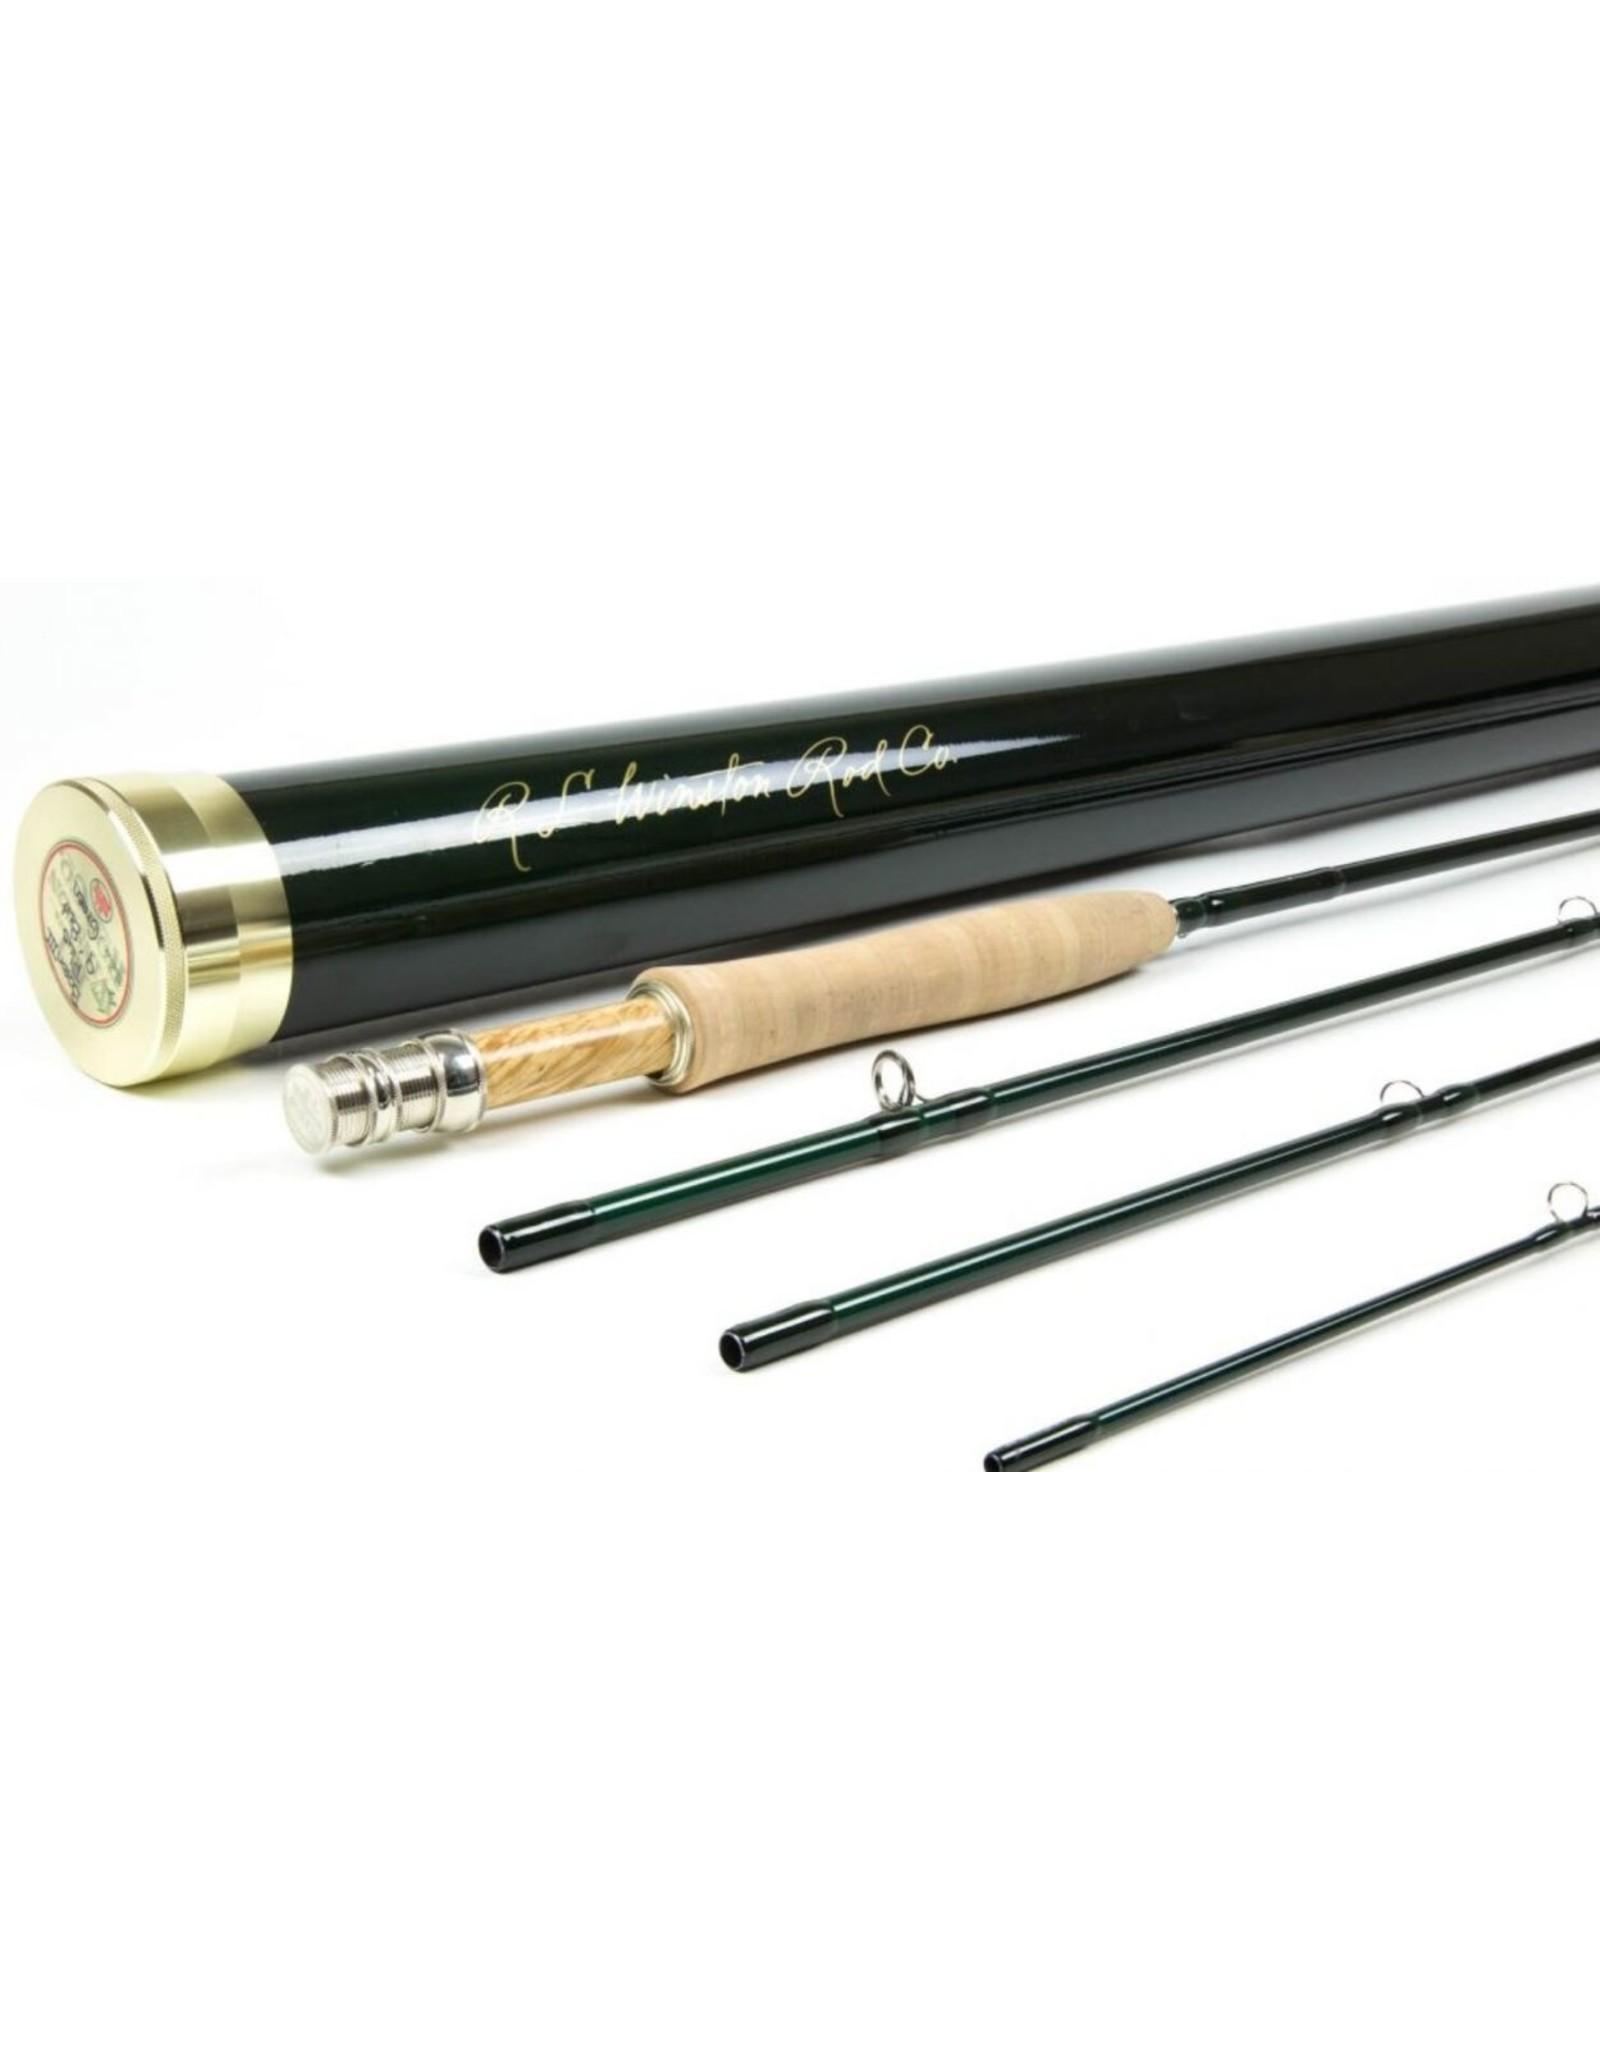 R.L.Winston R.L. Winston - Freshwater Air Rod